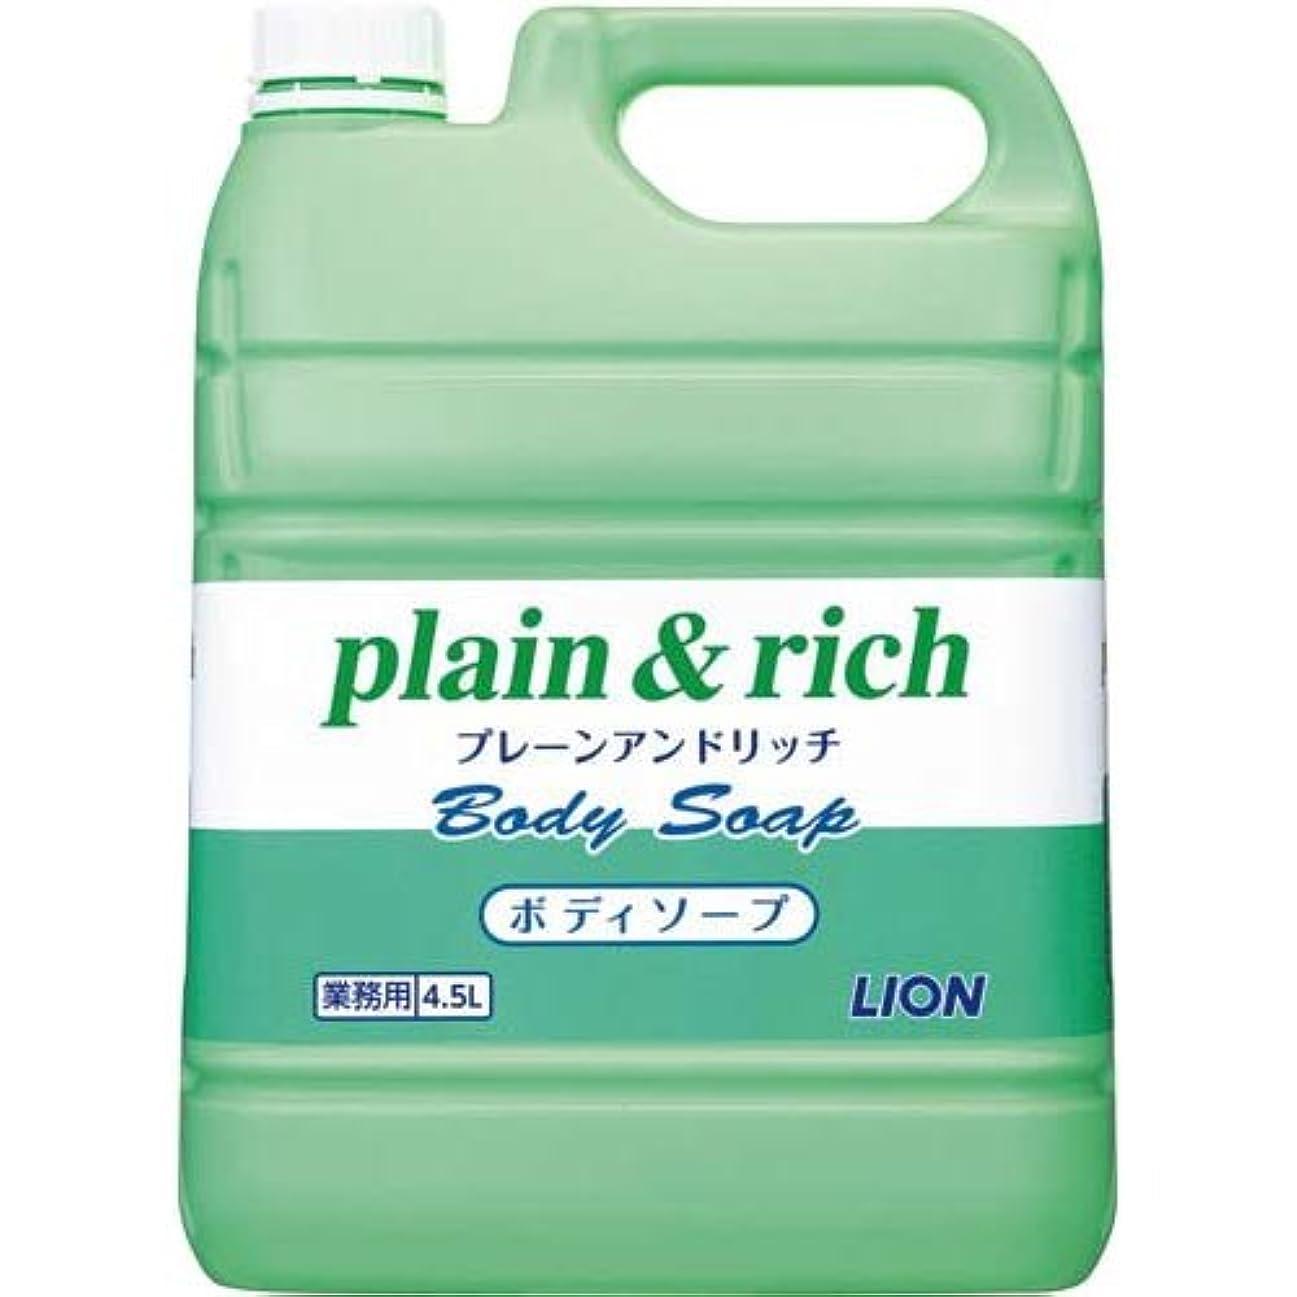 スポーツ教育者部屋を掃除するライオンハイジーン プレーン&リッチ ボディソープ 4.5L×3本